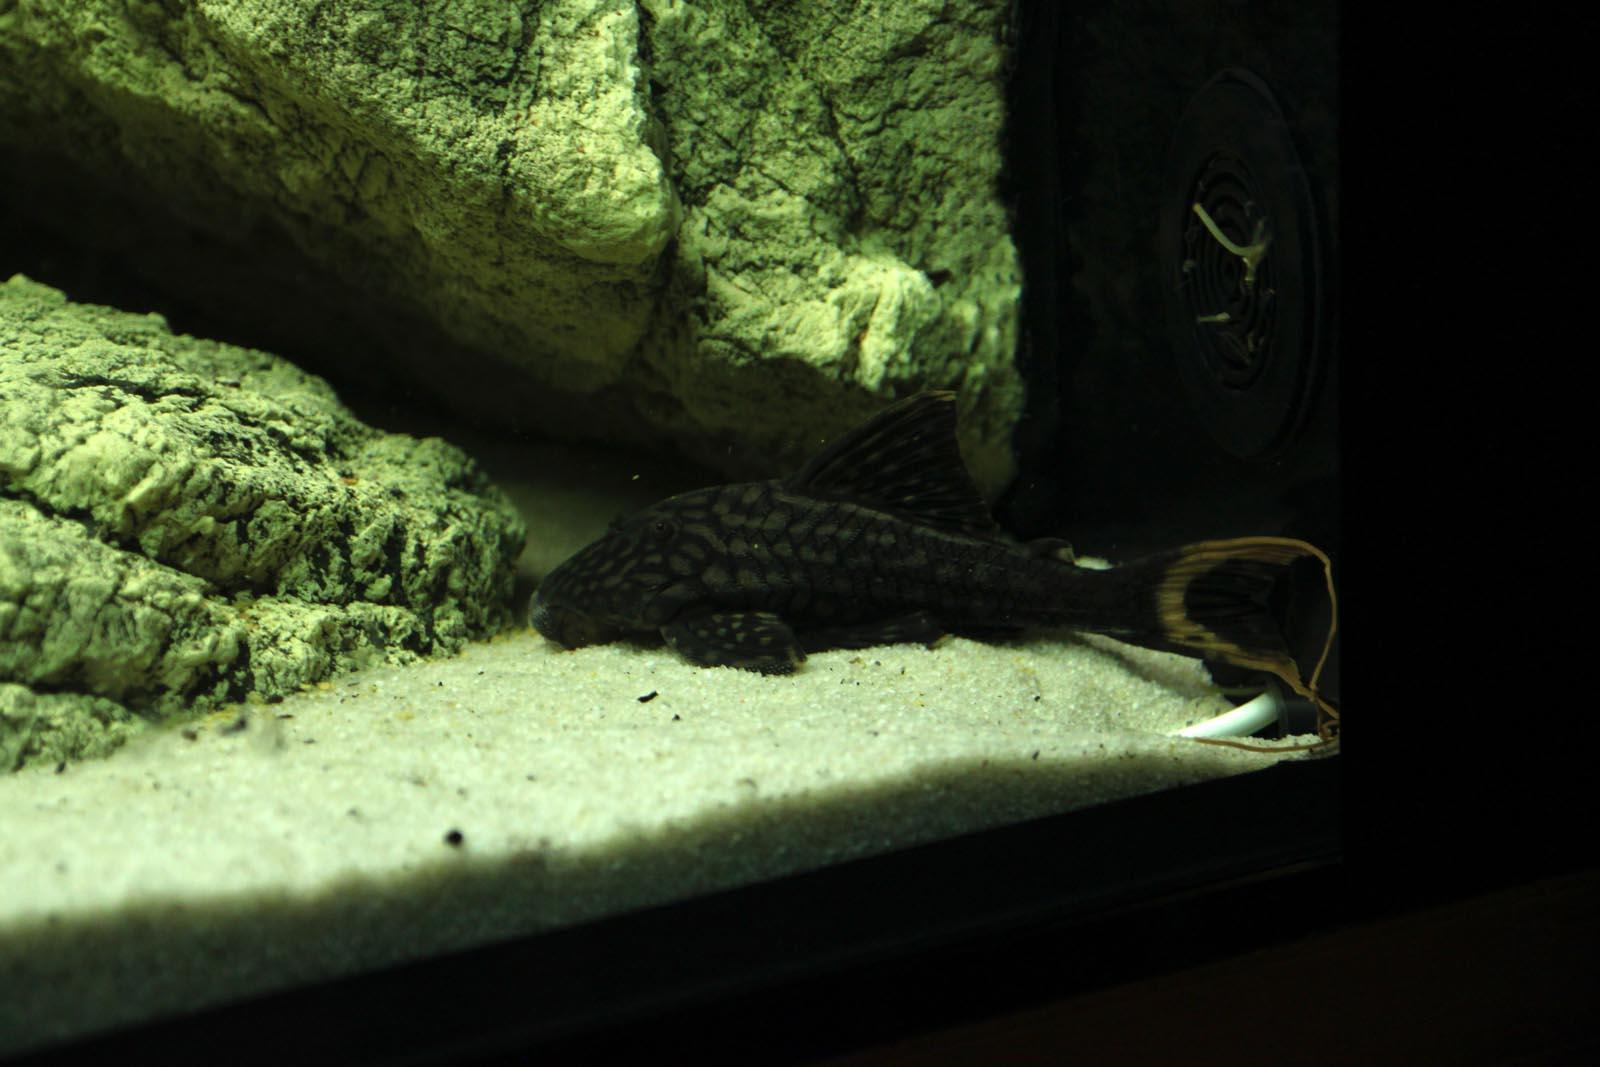 Rock modules in the aquarium